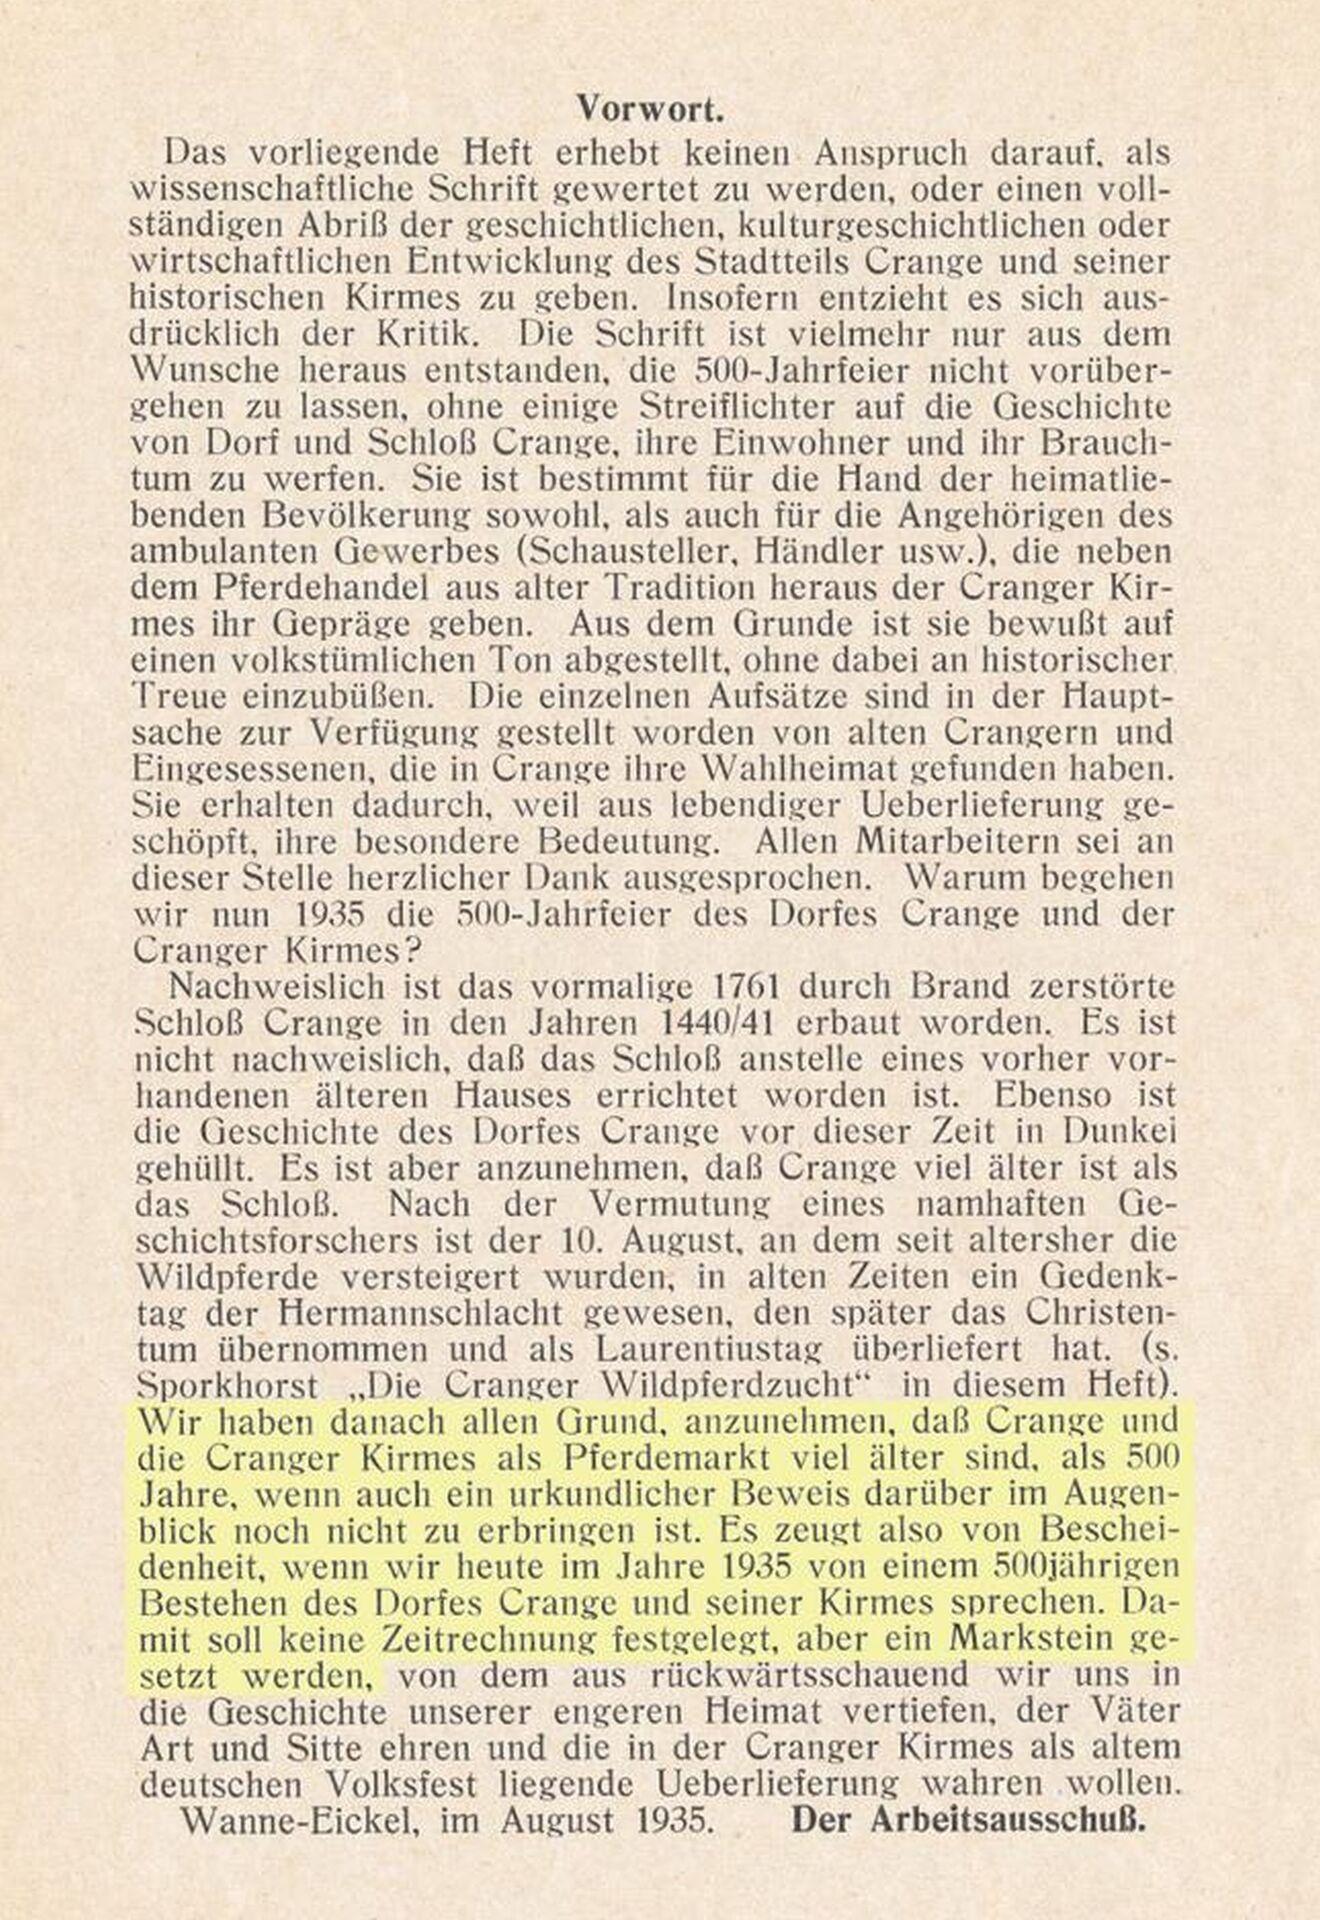 Festschrift '500 Jahre Dorf Crange und Cranger Kirmes', Vorwort, 1935.jpg